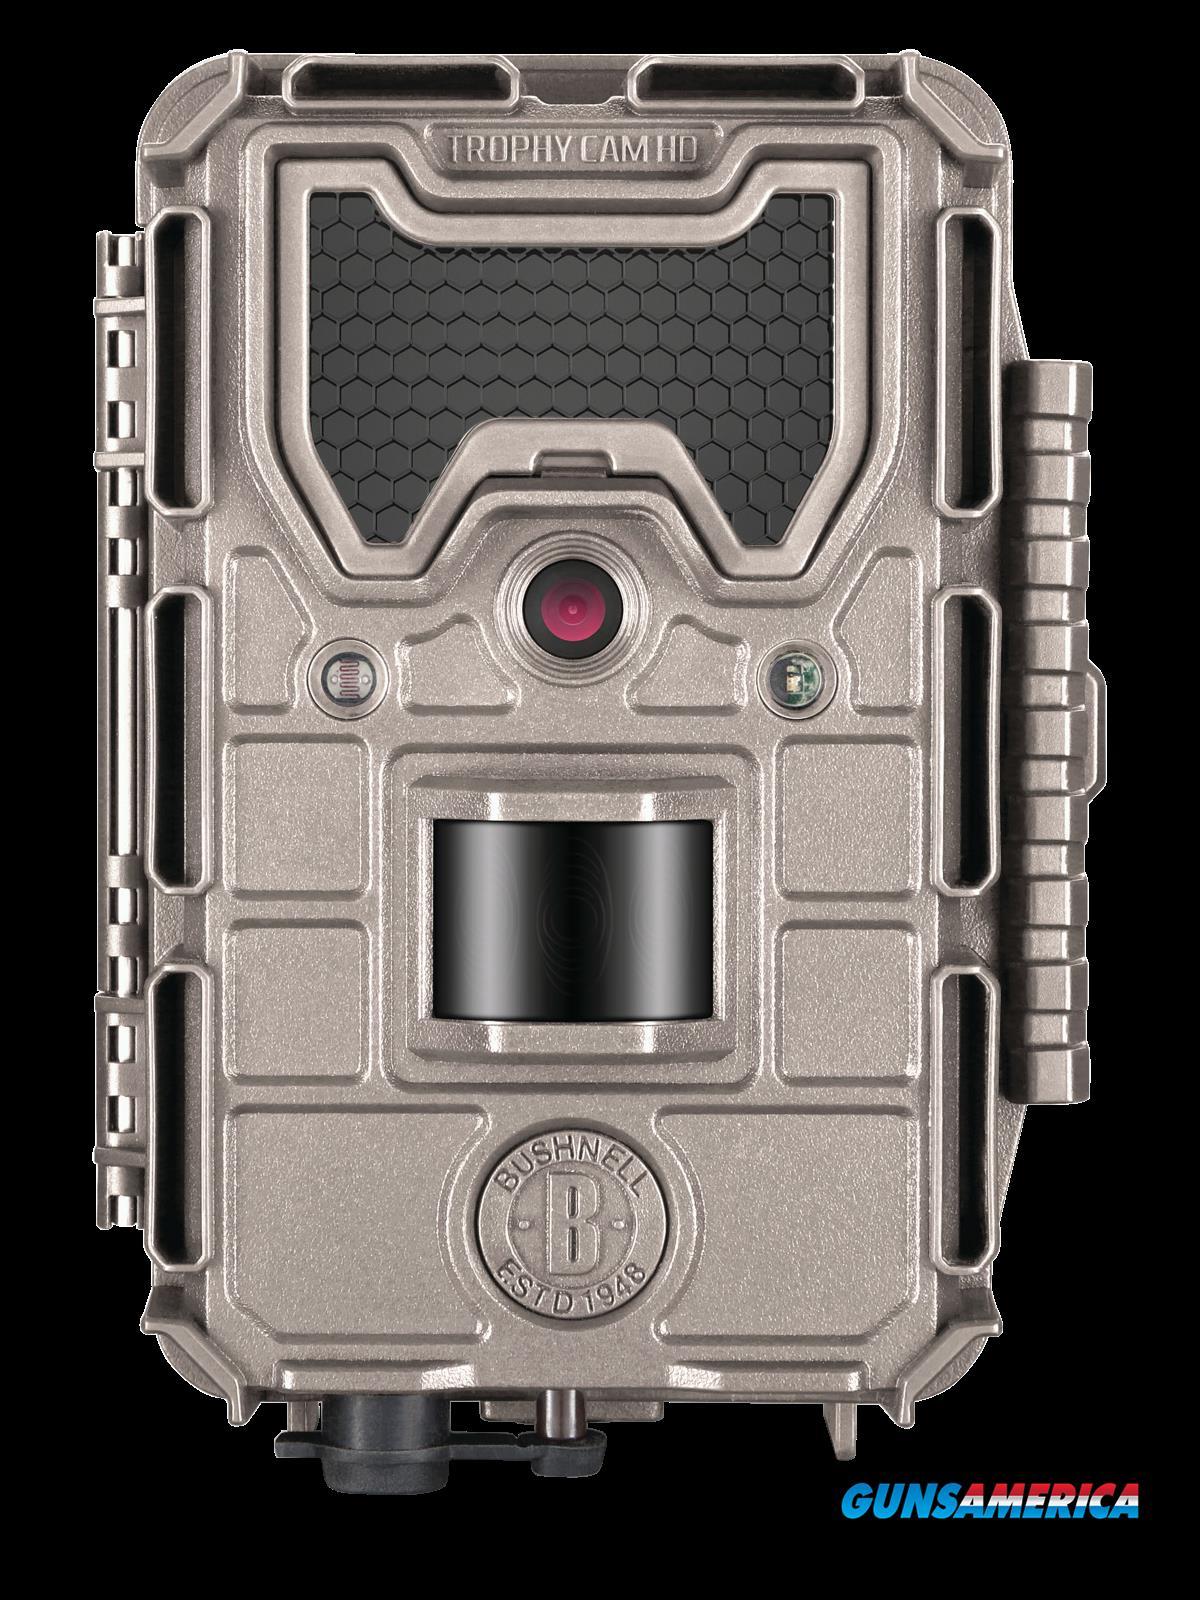 Primos Aggressor, Bush 119876c Trophy Camera Hd Aggressor Tan   20mp  Guns > Pistols > 1911 Pistol Copies (non-Colt)